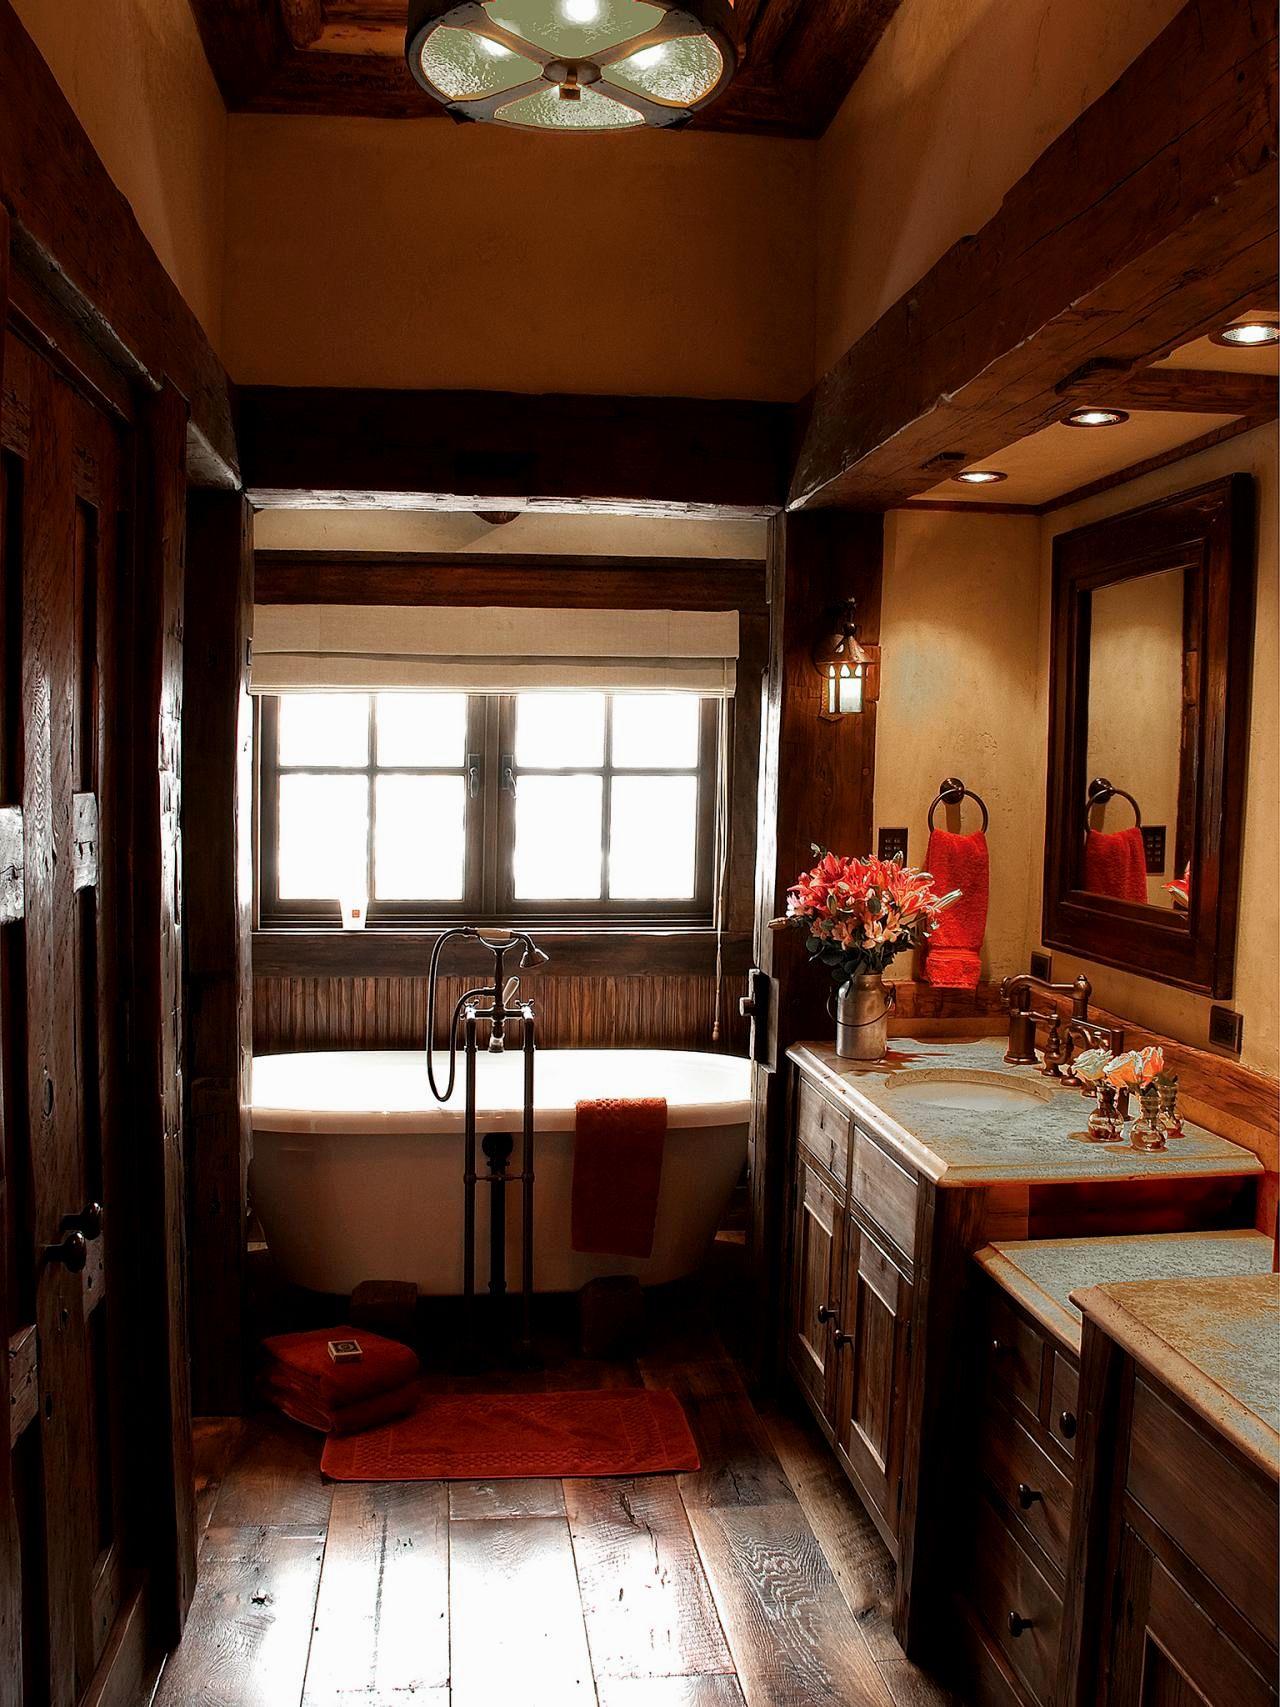 elegant double bathroom vanities inspiration-Superb Double Bathroom Vanities Decoration